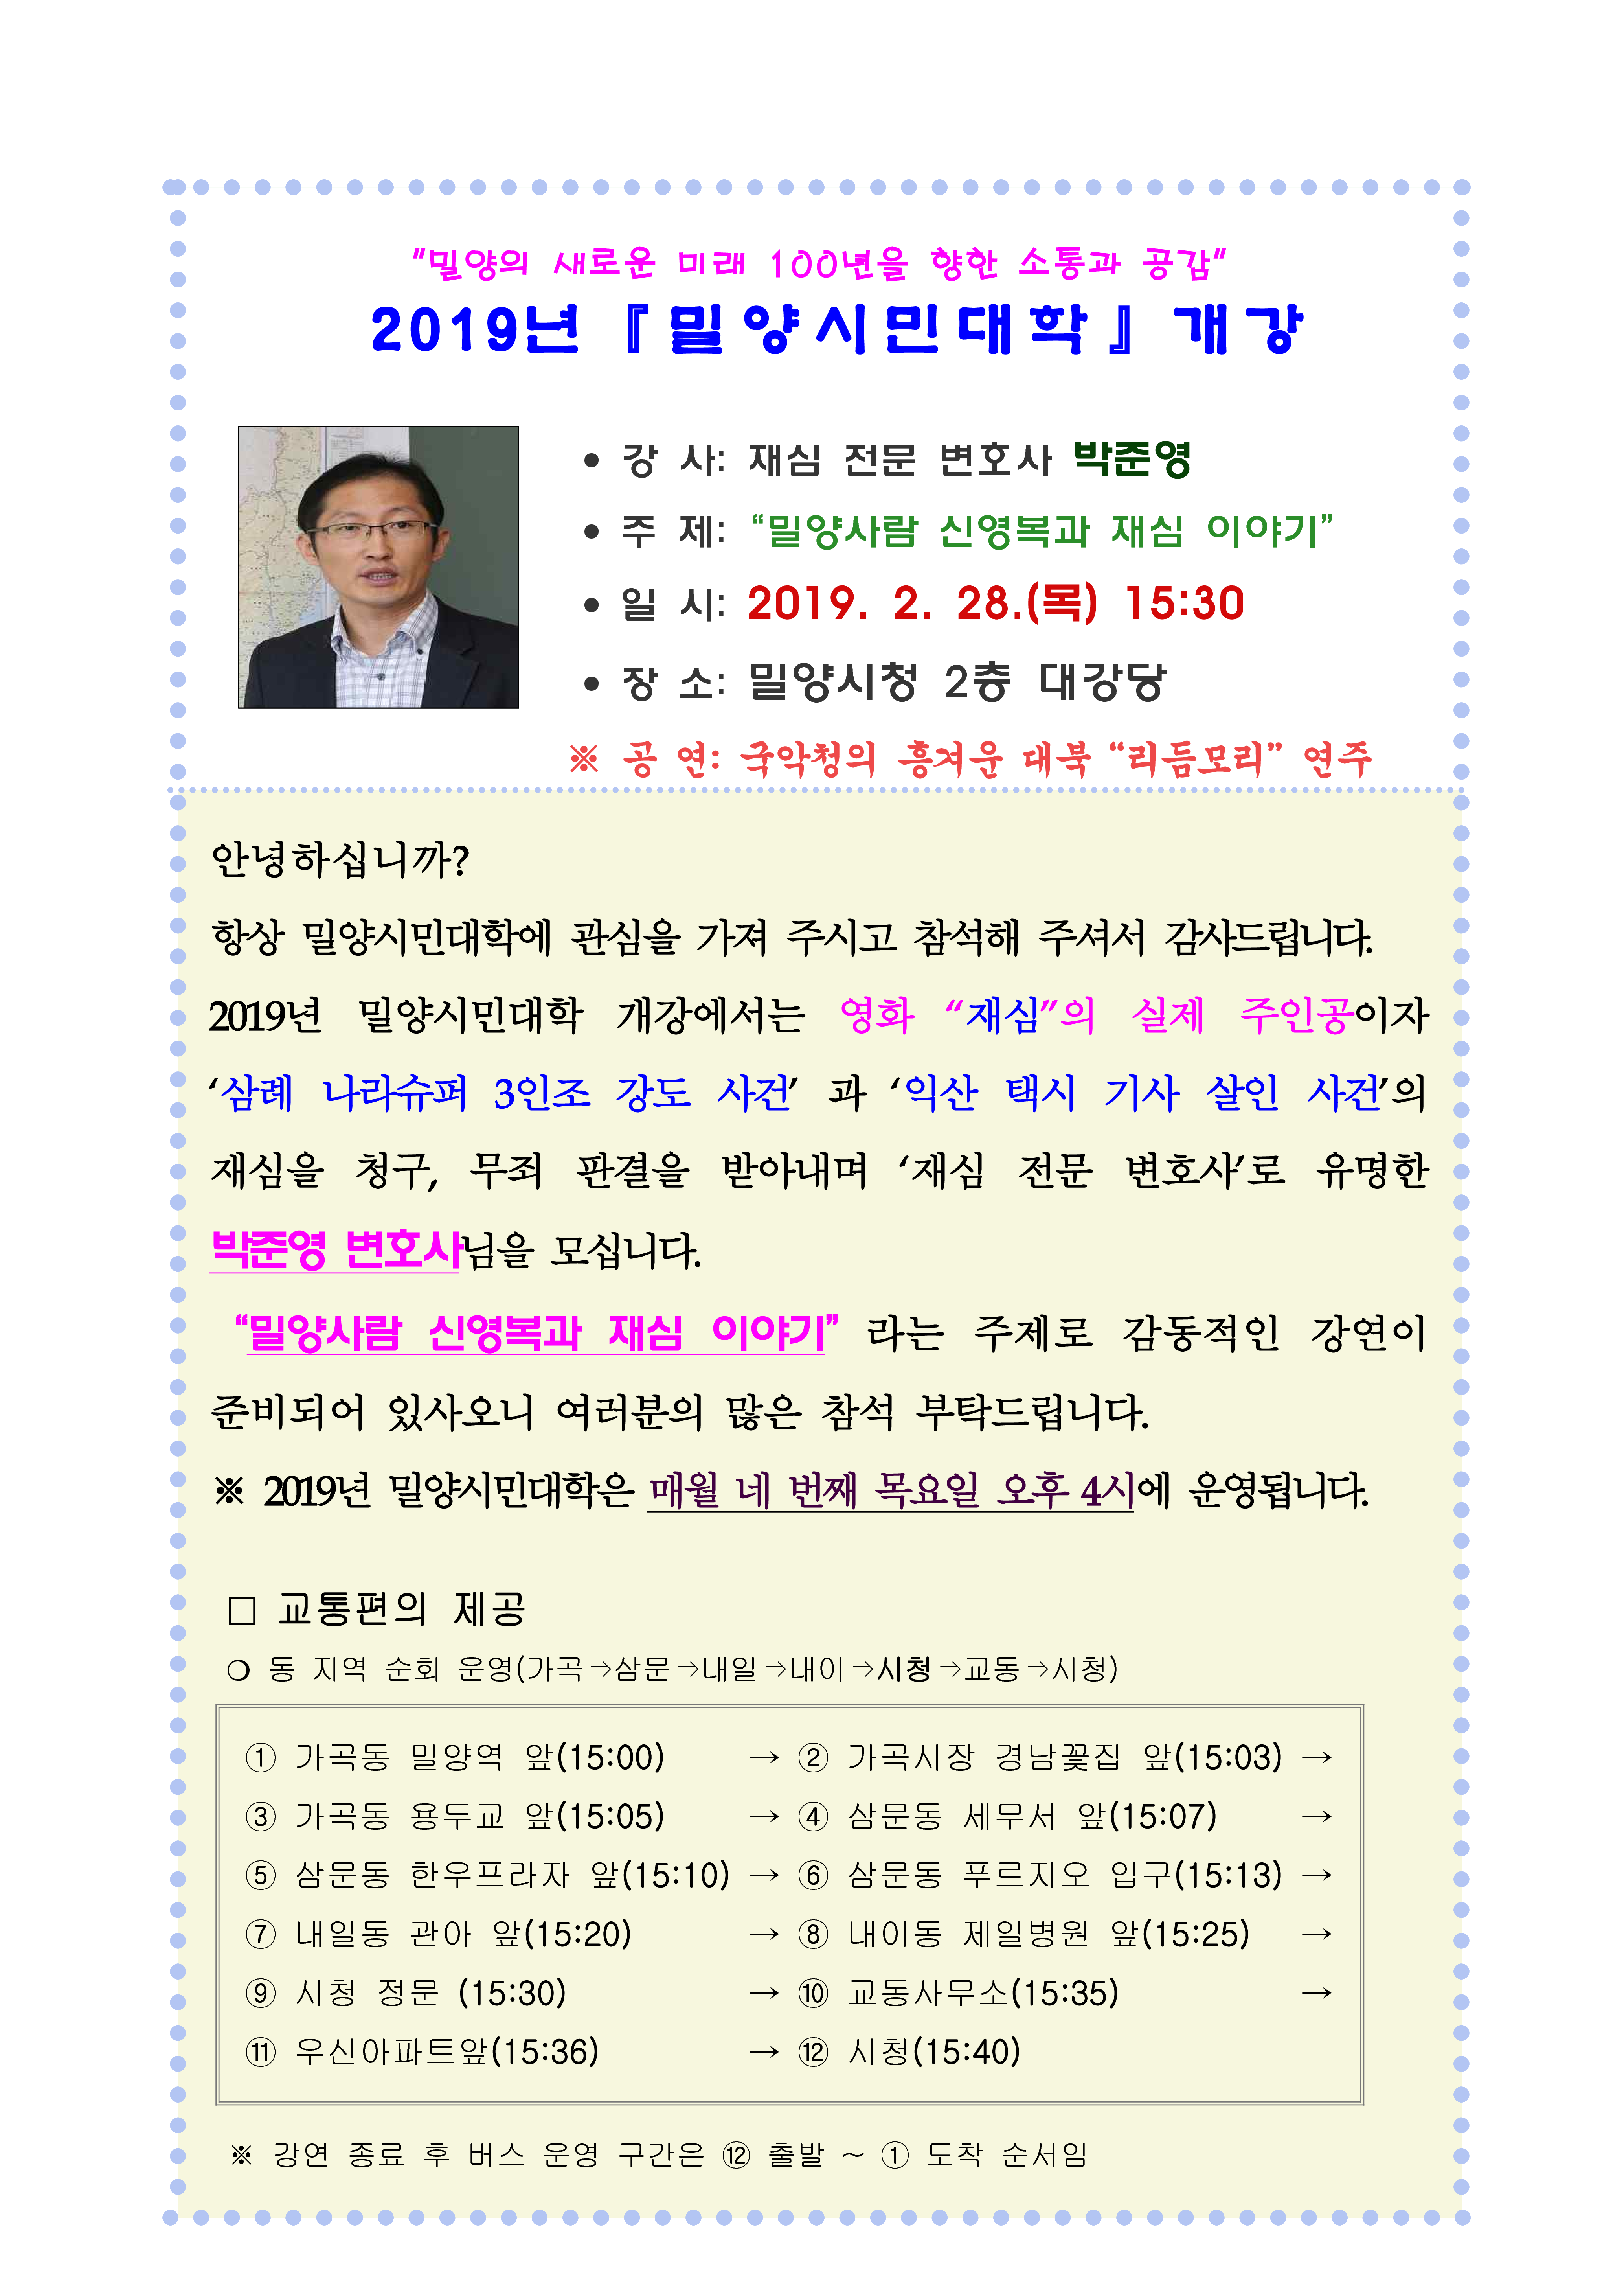 2019년 밀양시민대학 개강 안내